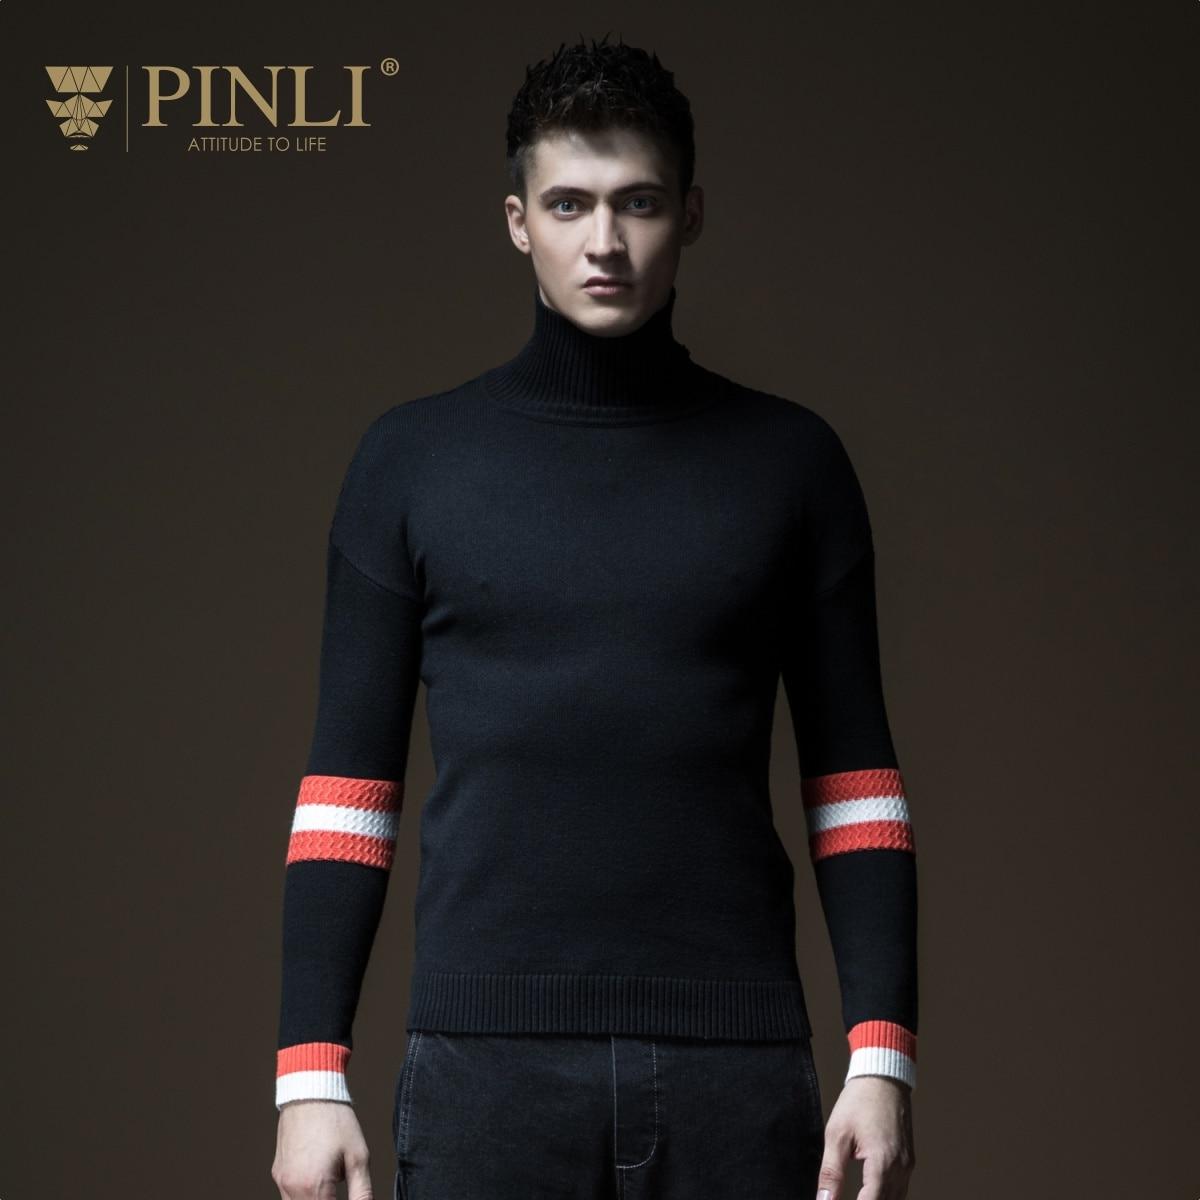 2019 hommes chandail chandail Pinli Pin Li automne hommes tricoté Crash couleur épaule bas du corps culture col roulé B183210157